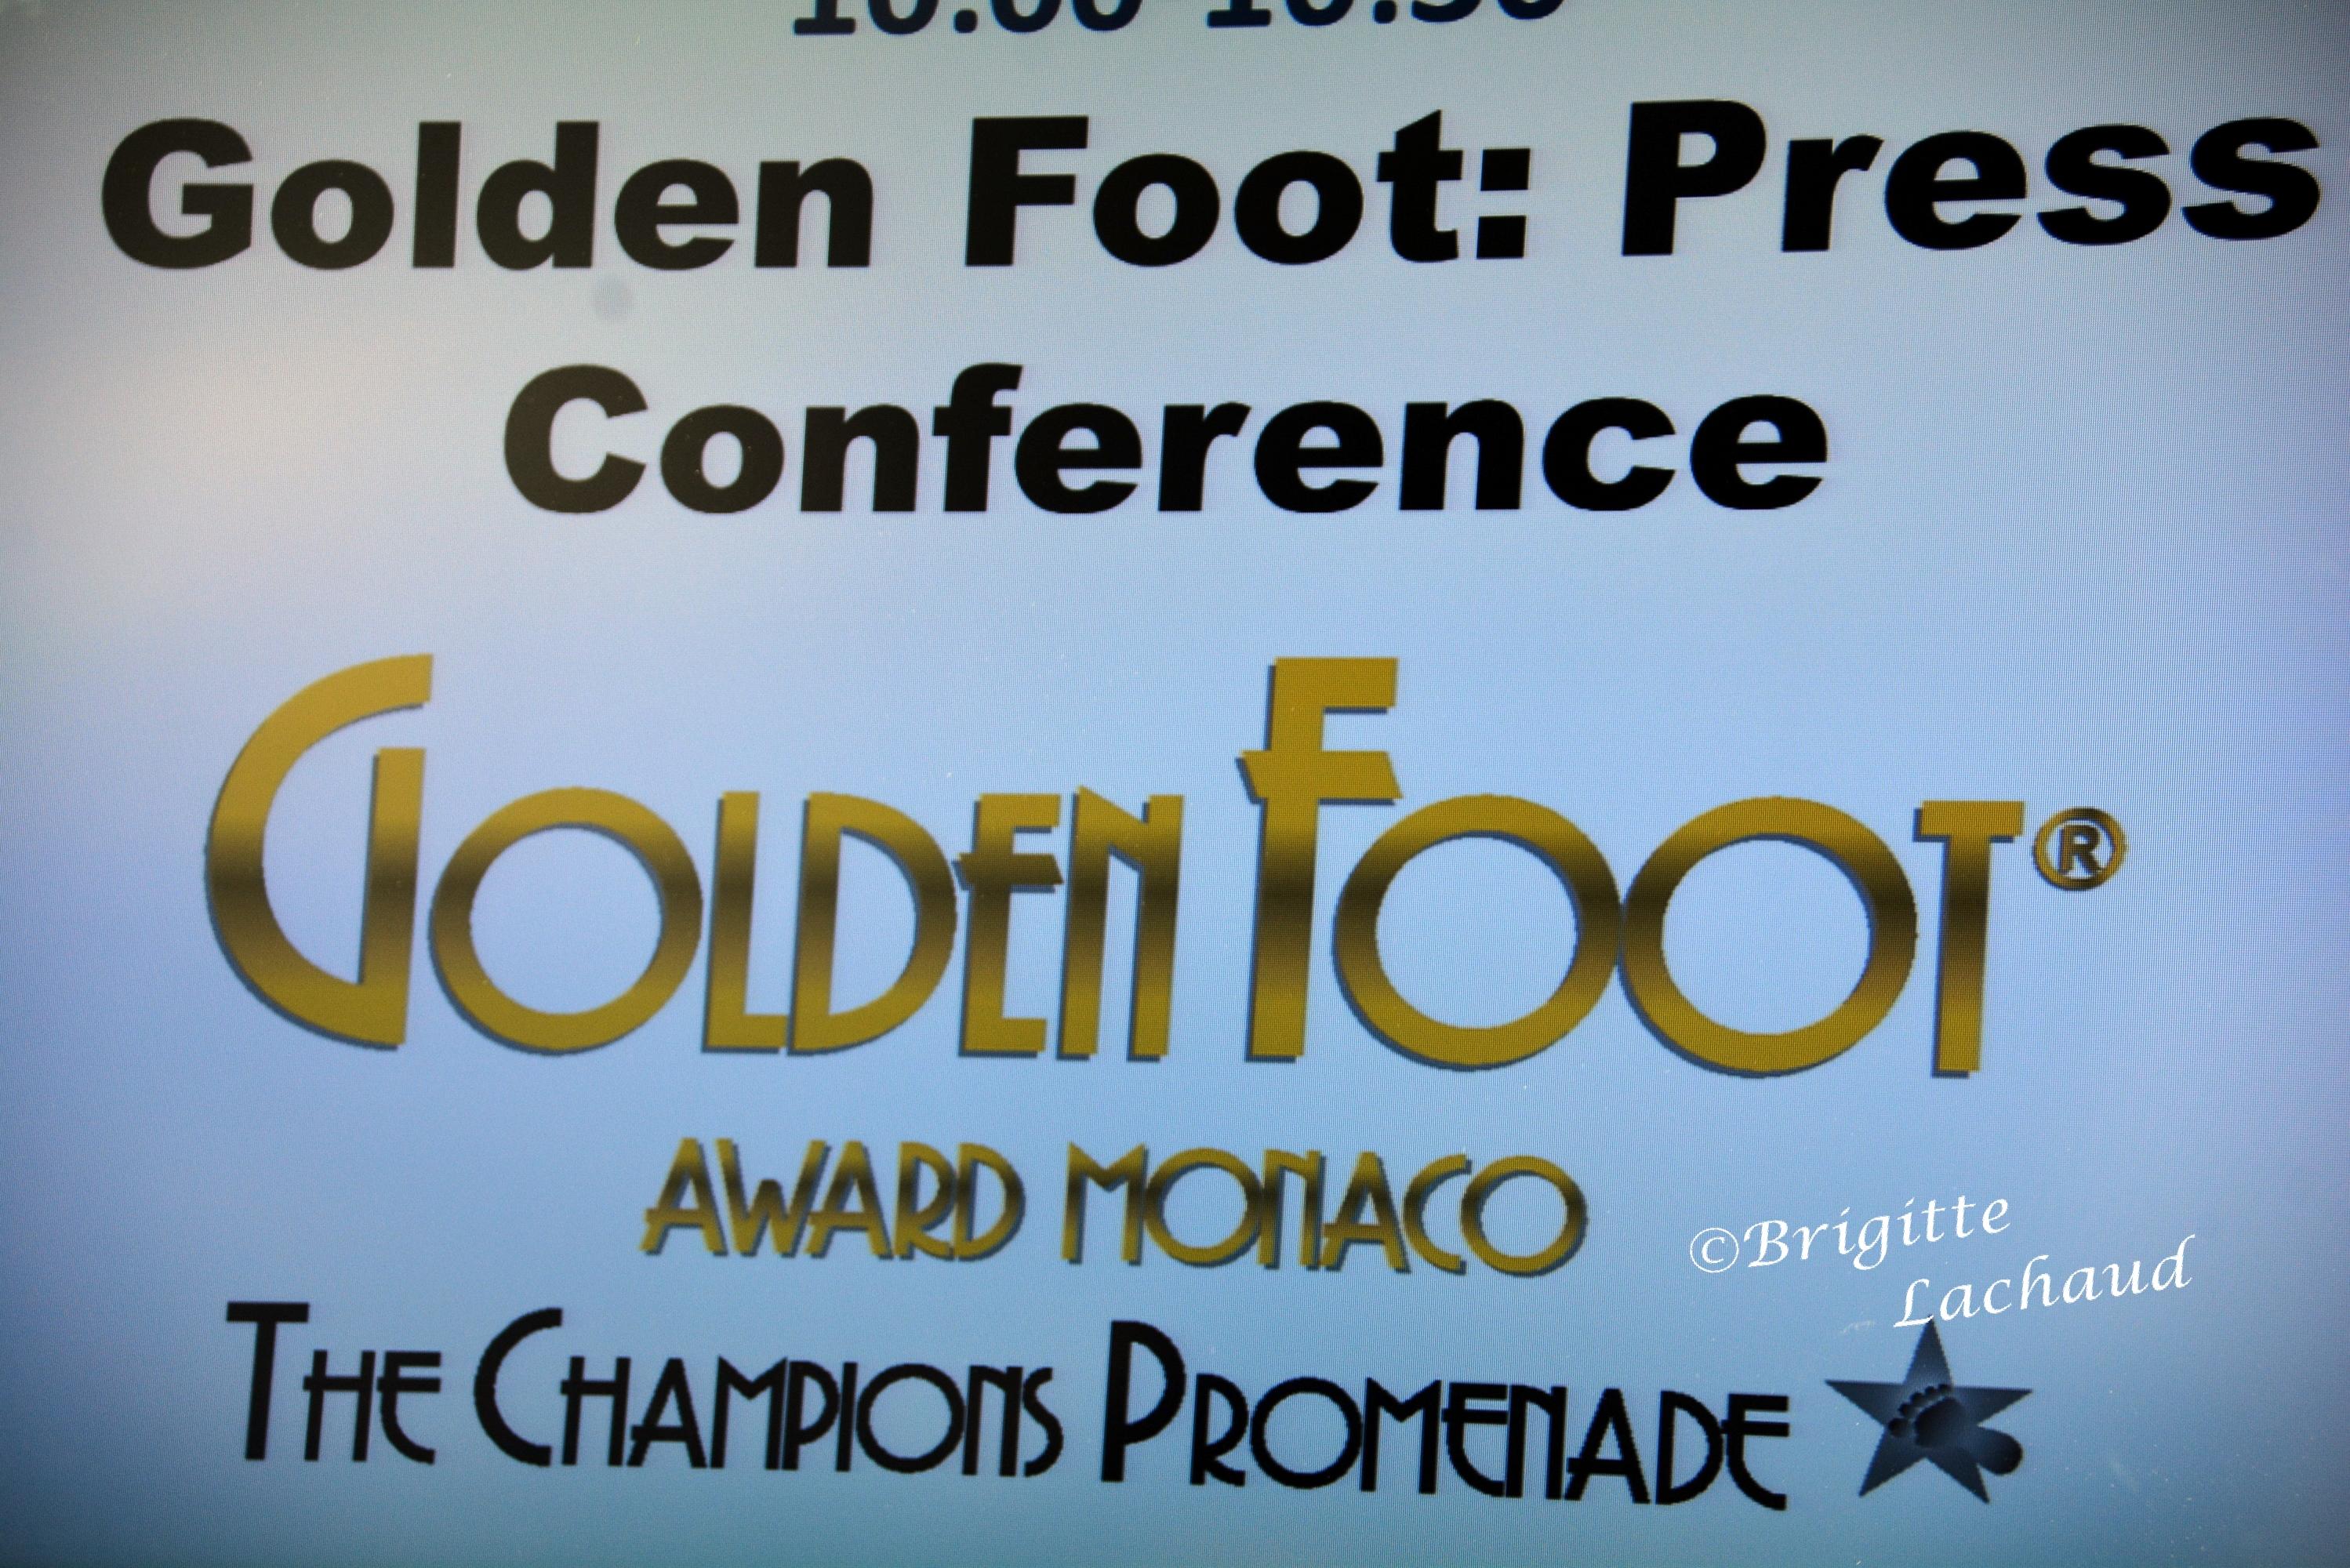 LES GOLDEN FOOT SONT ARRIVEES A MONACO